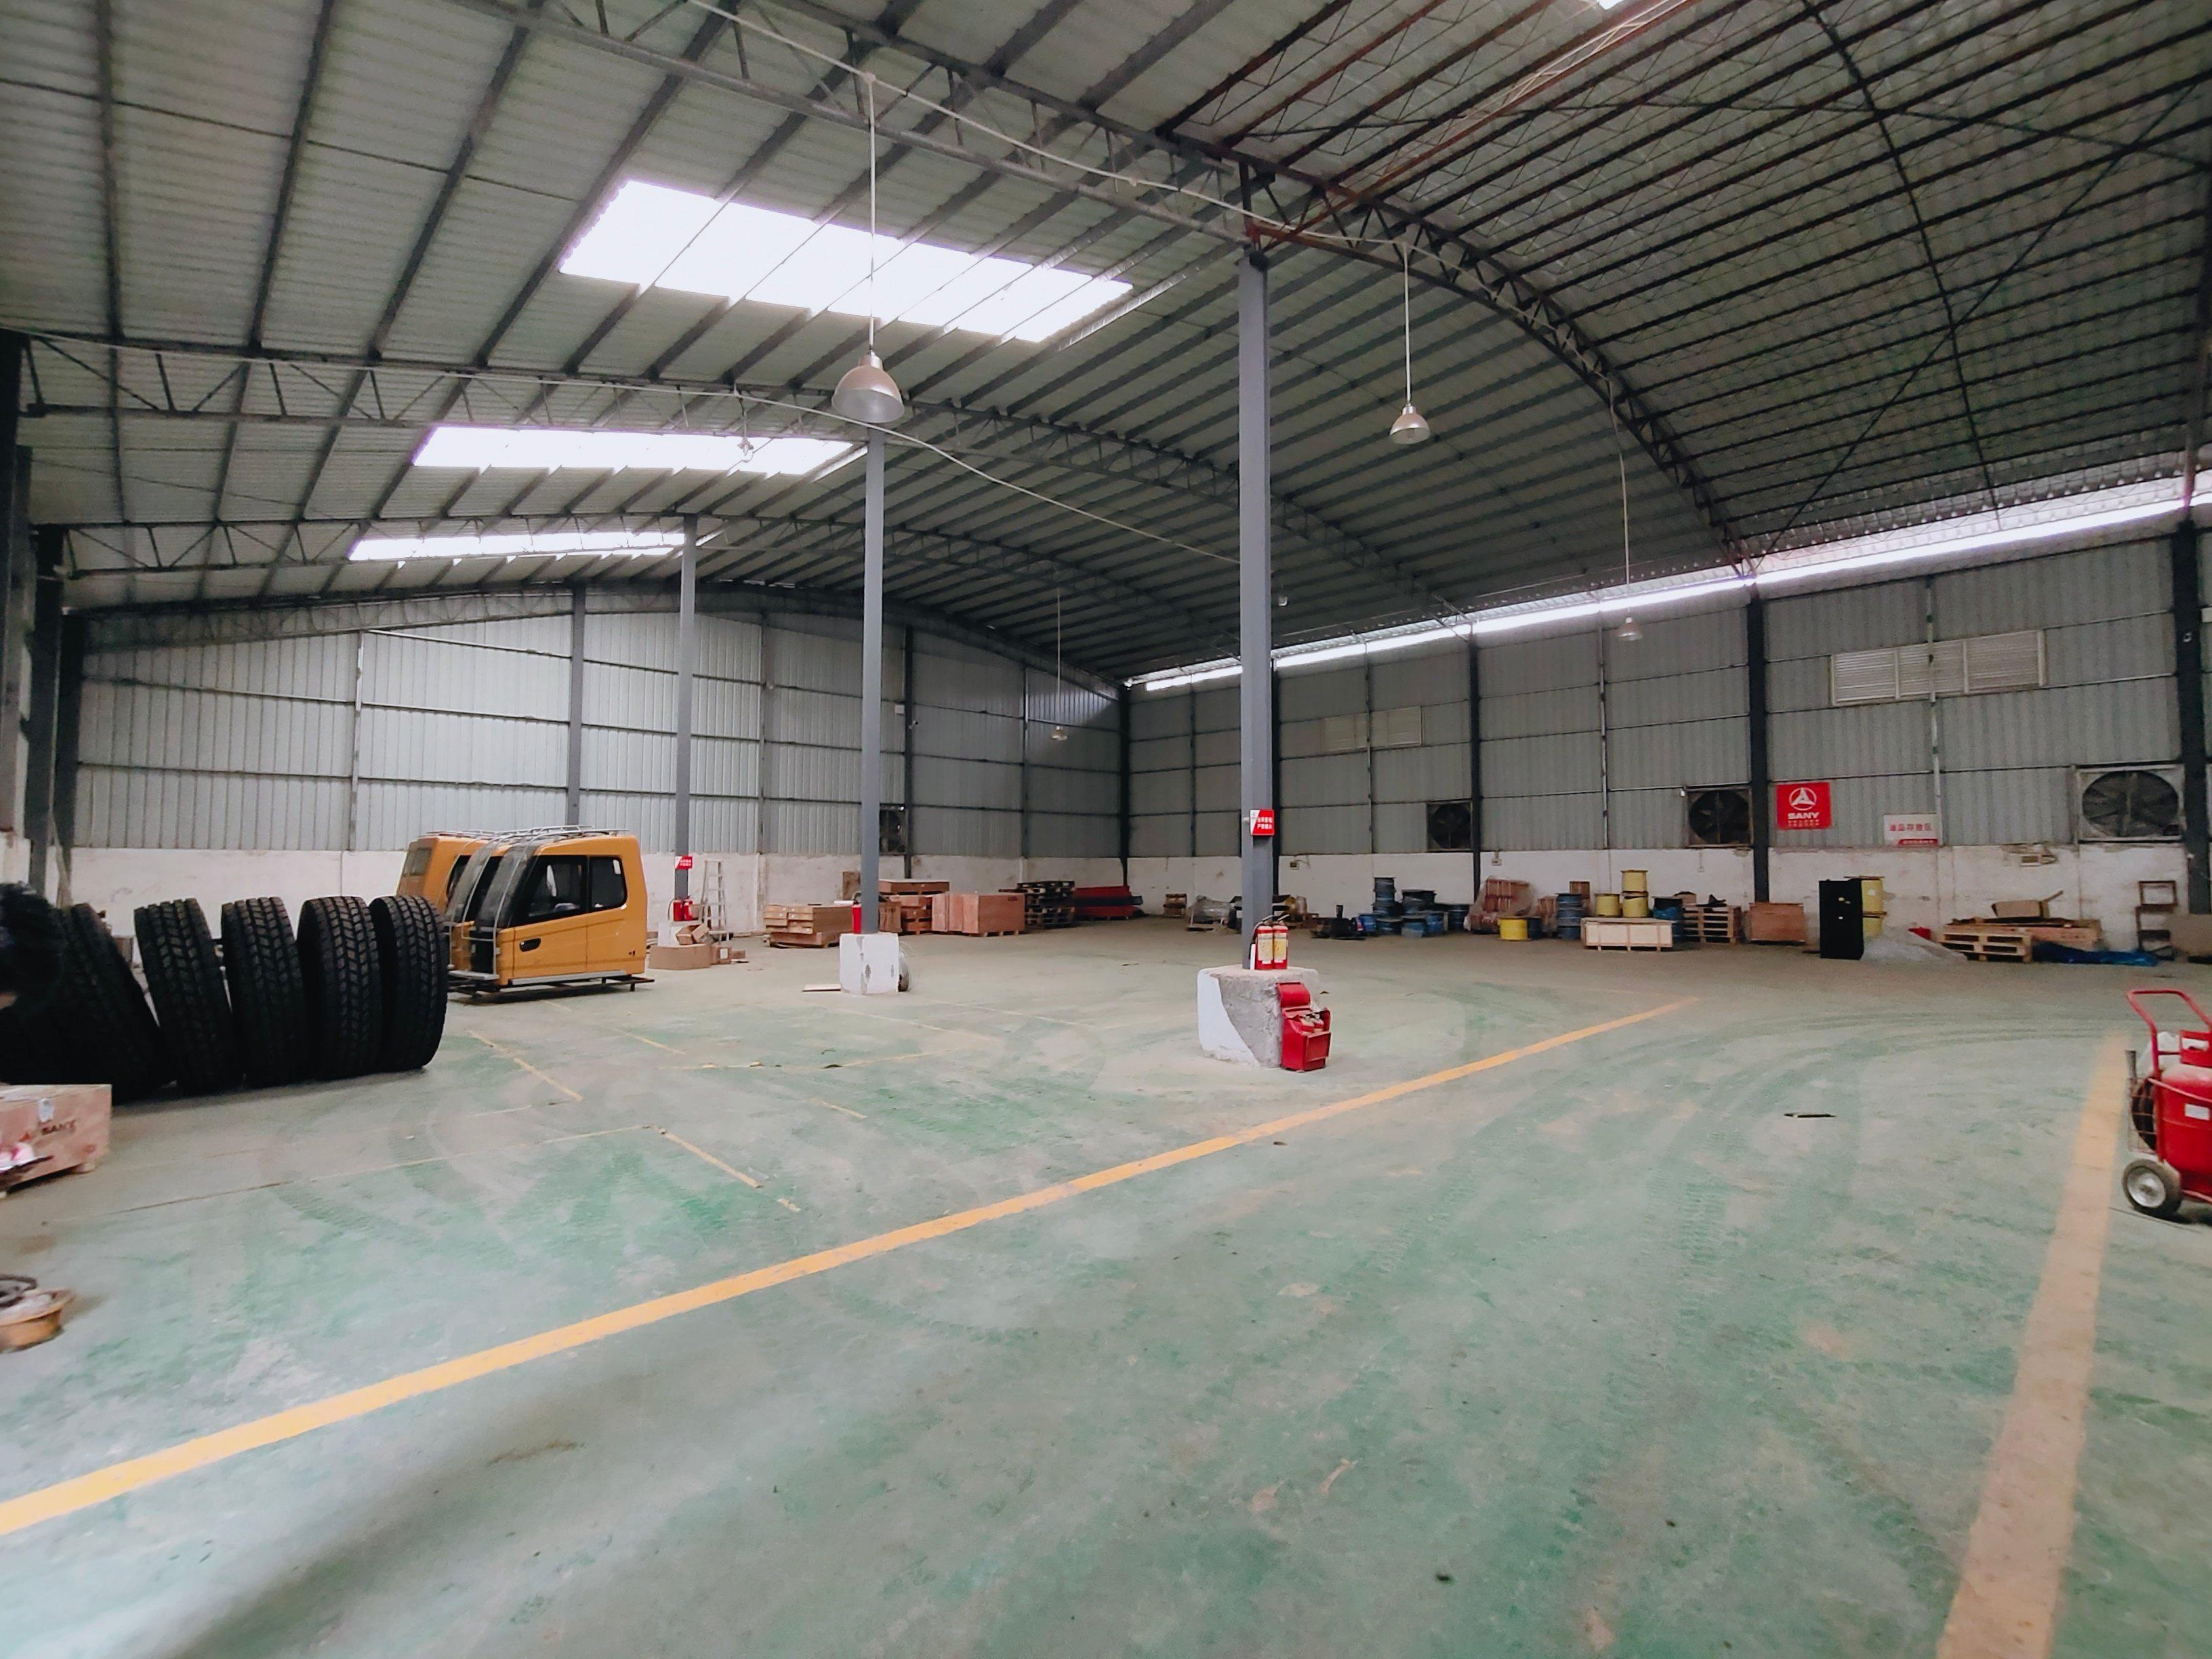 黄埔开发区新出独院仓库1000平方进车方便,停车位多。